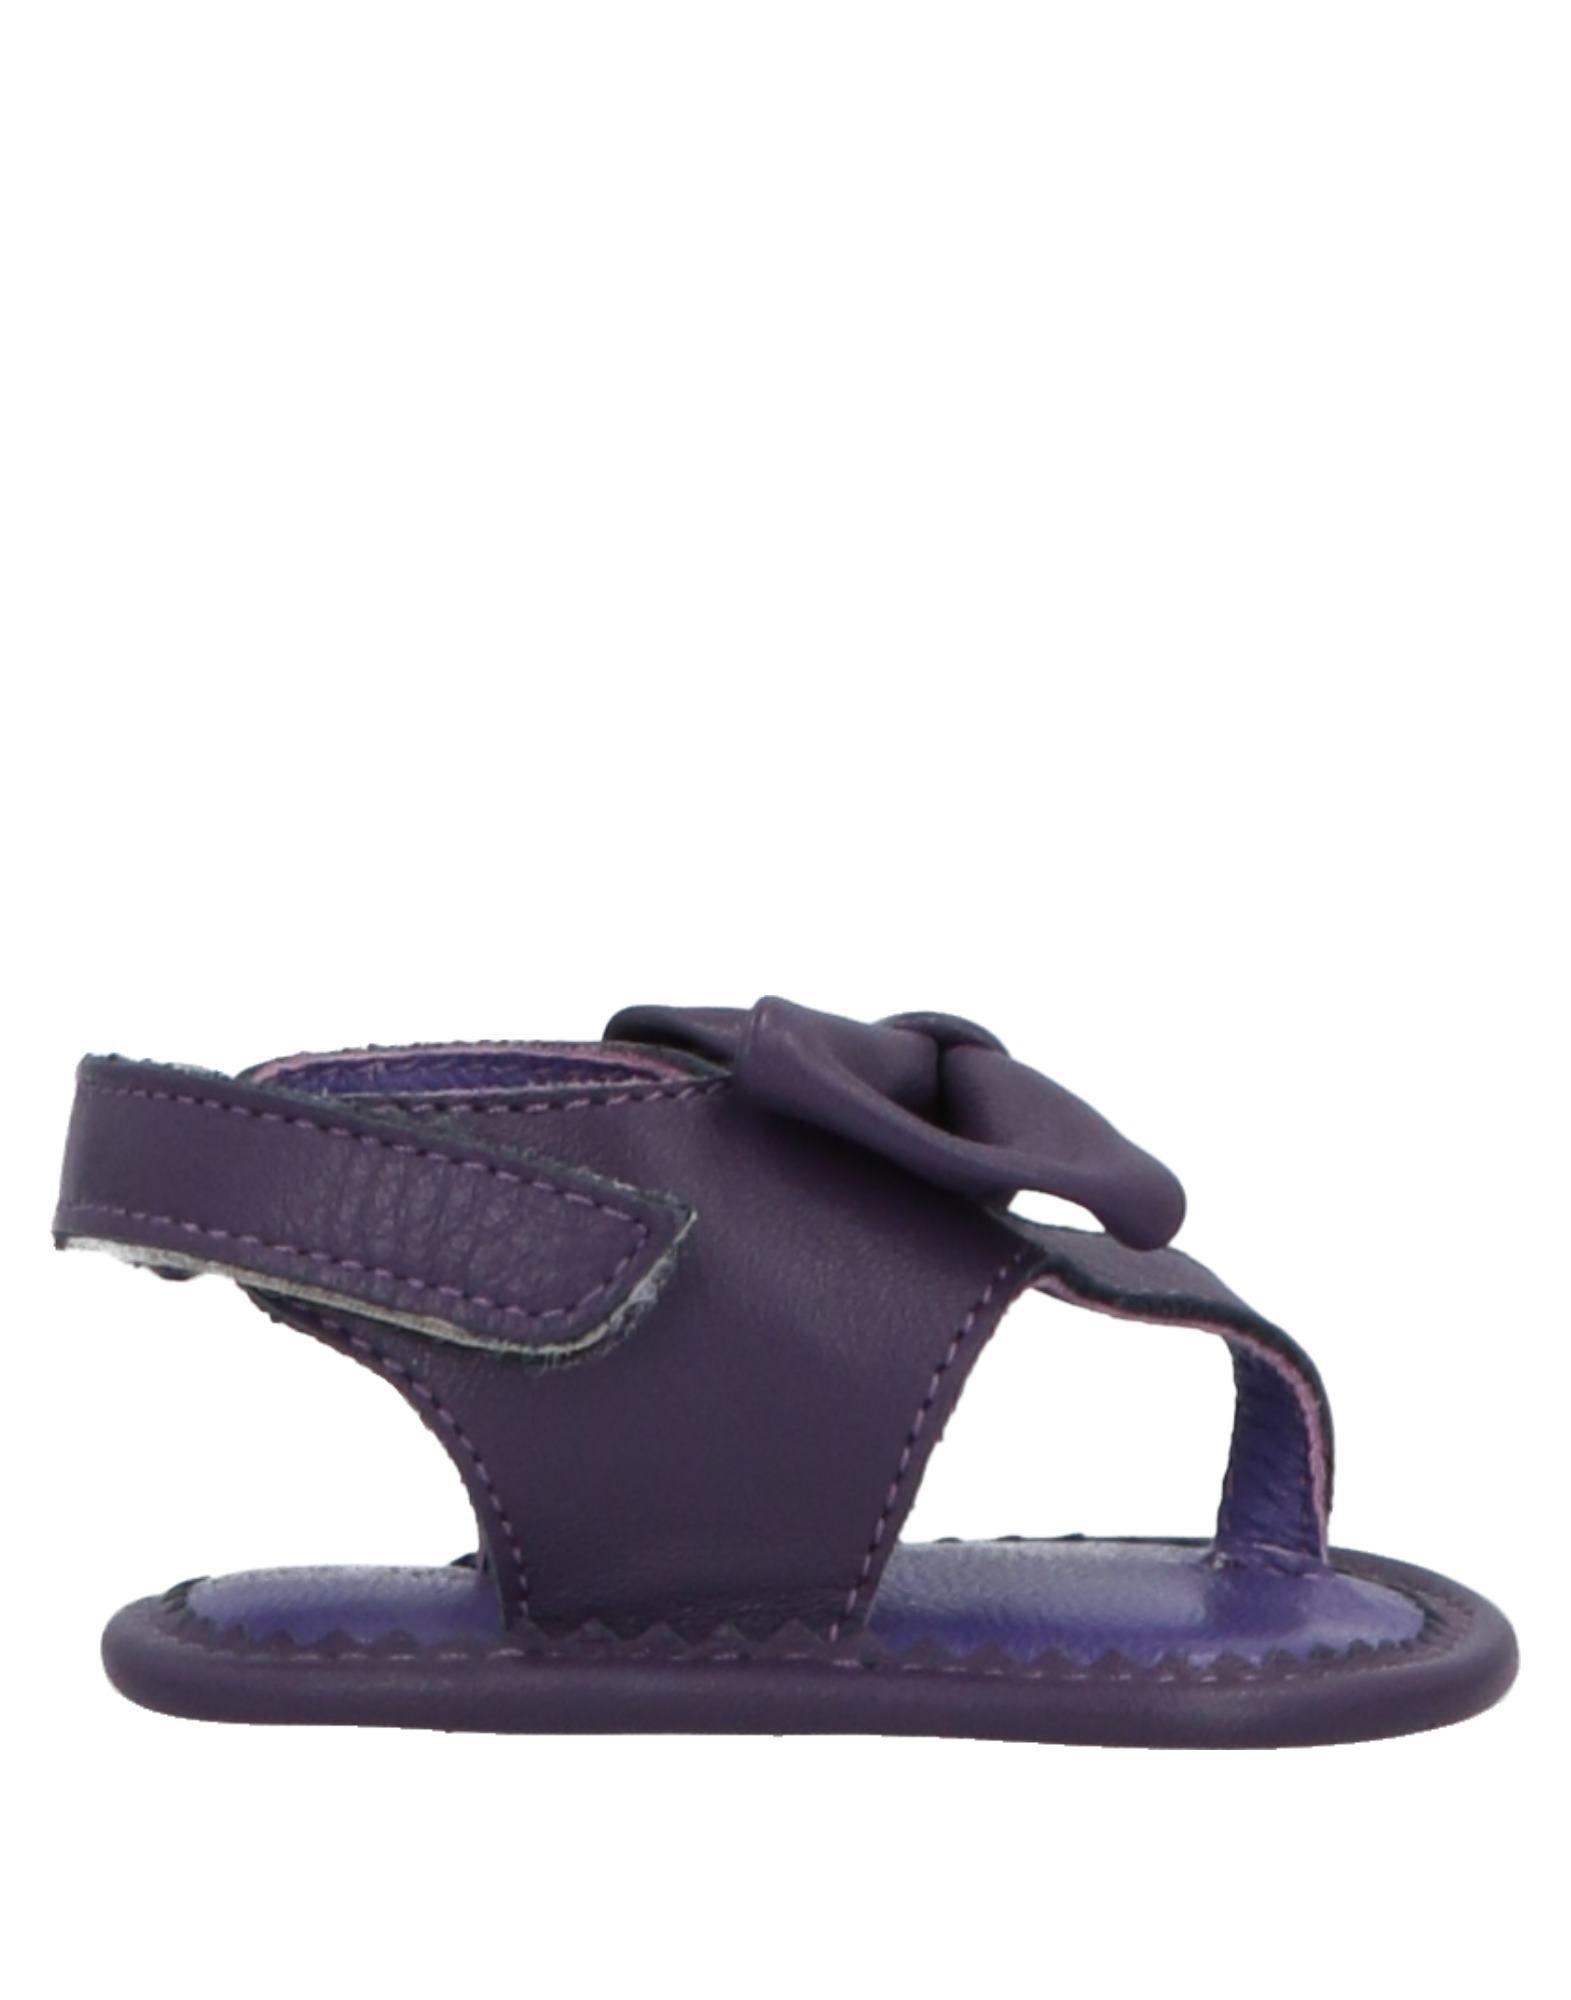 LA STUPENDERIA Обувь для новорожденных обувь для детей